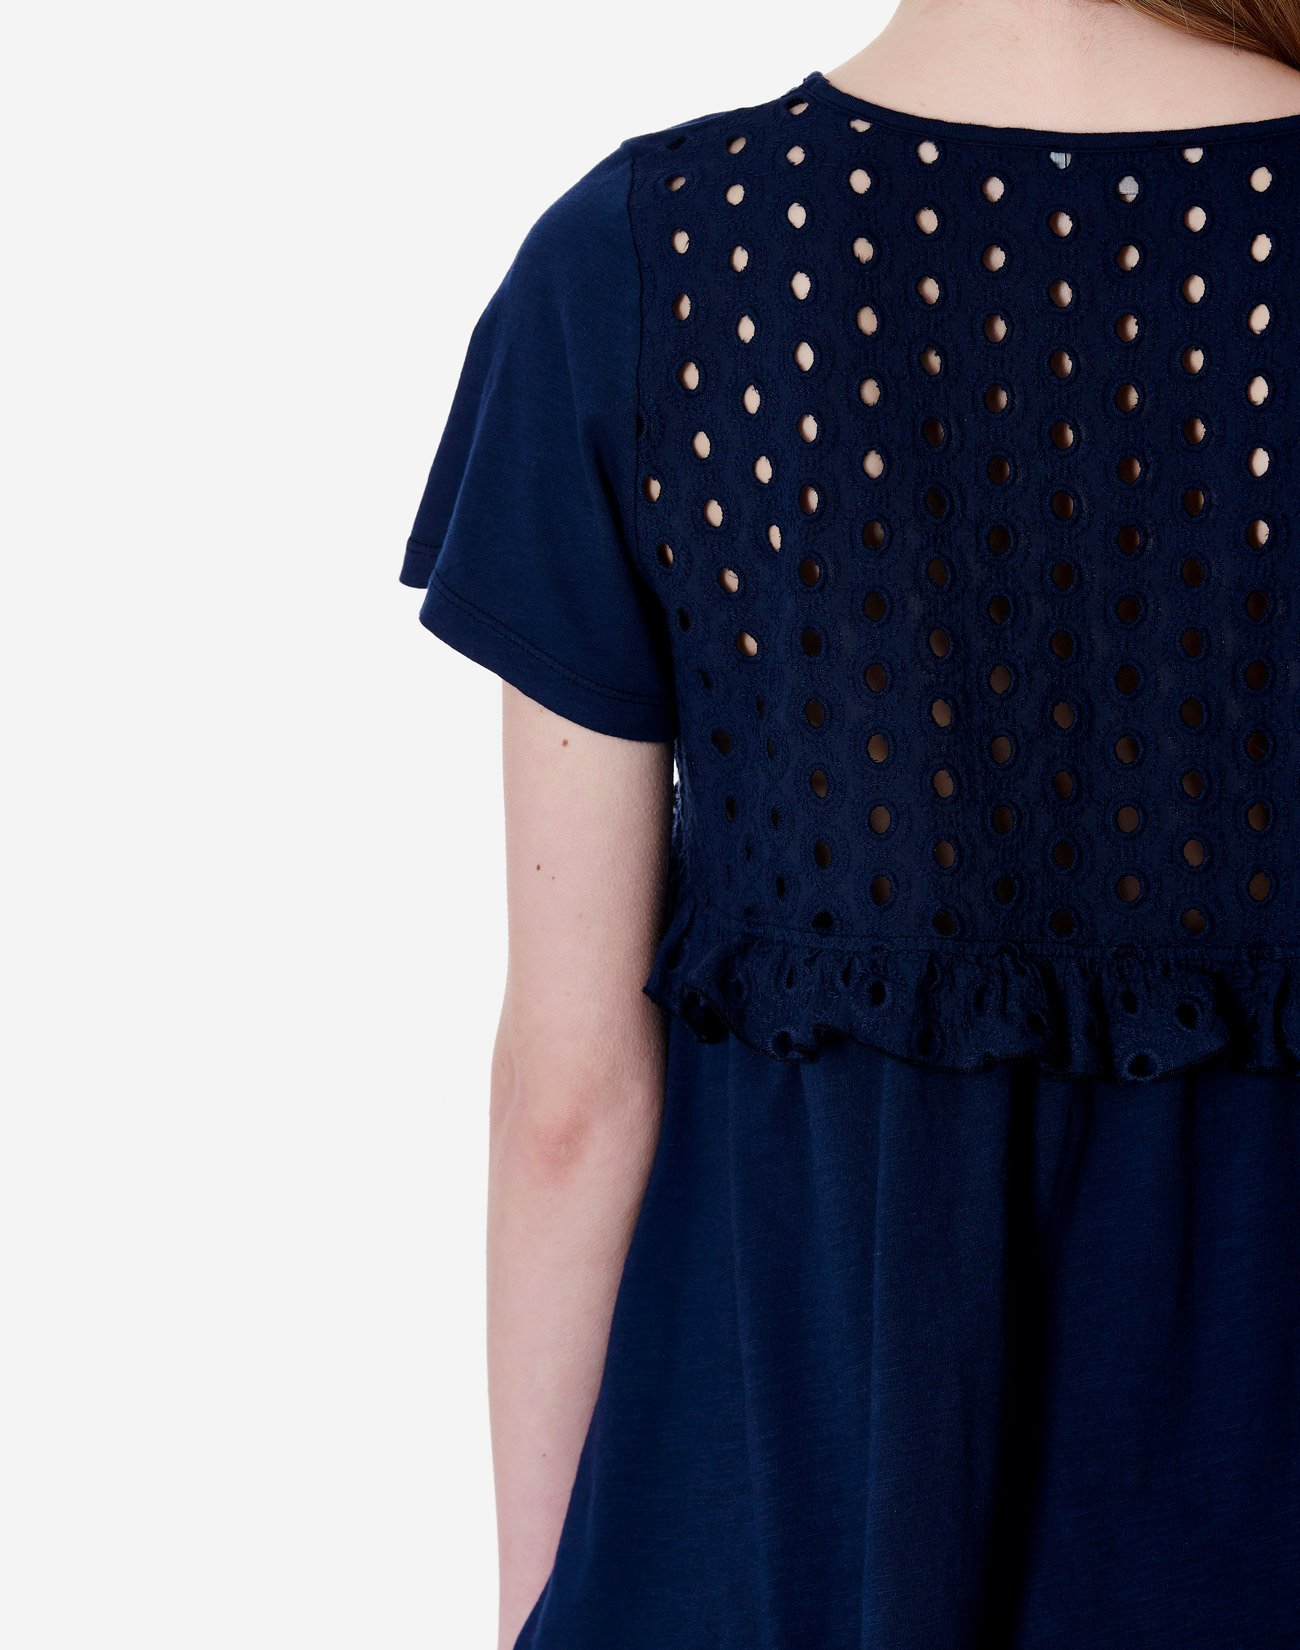 Μπλούζα με διάτρητο σχέδιο